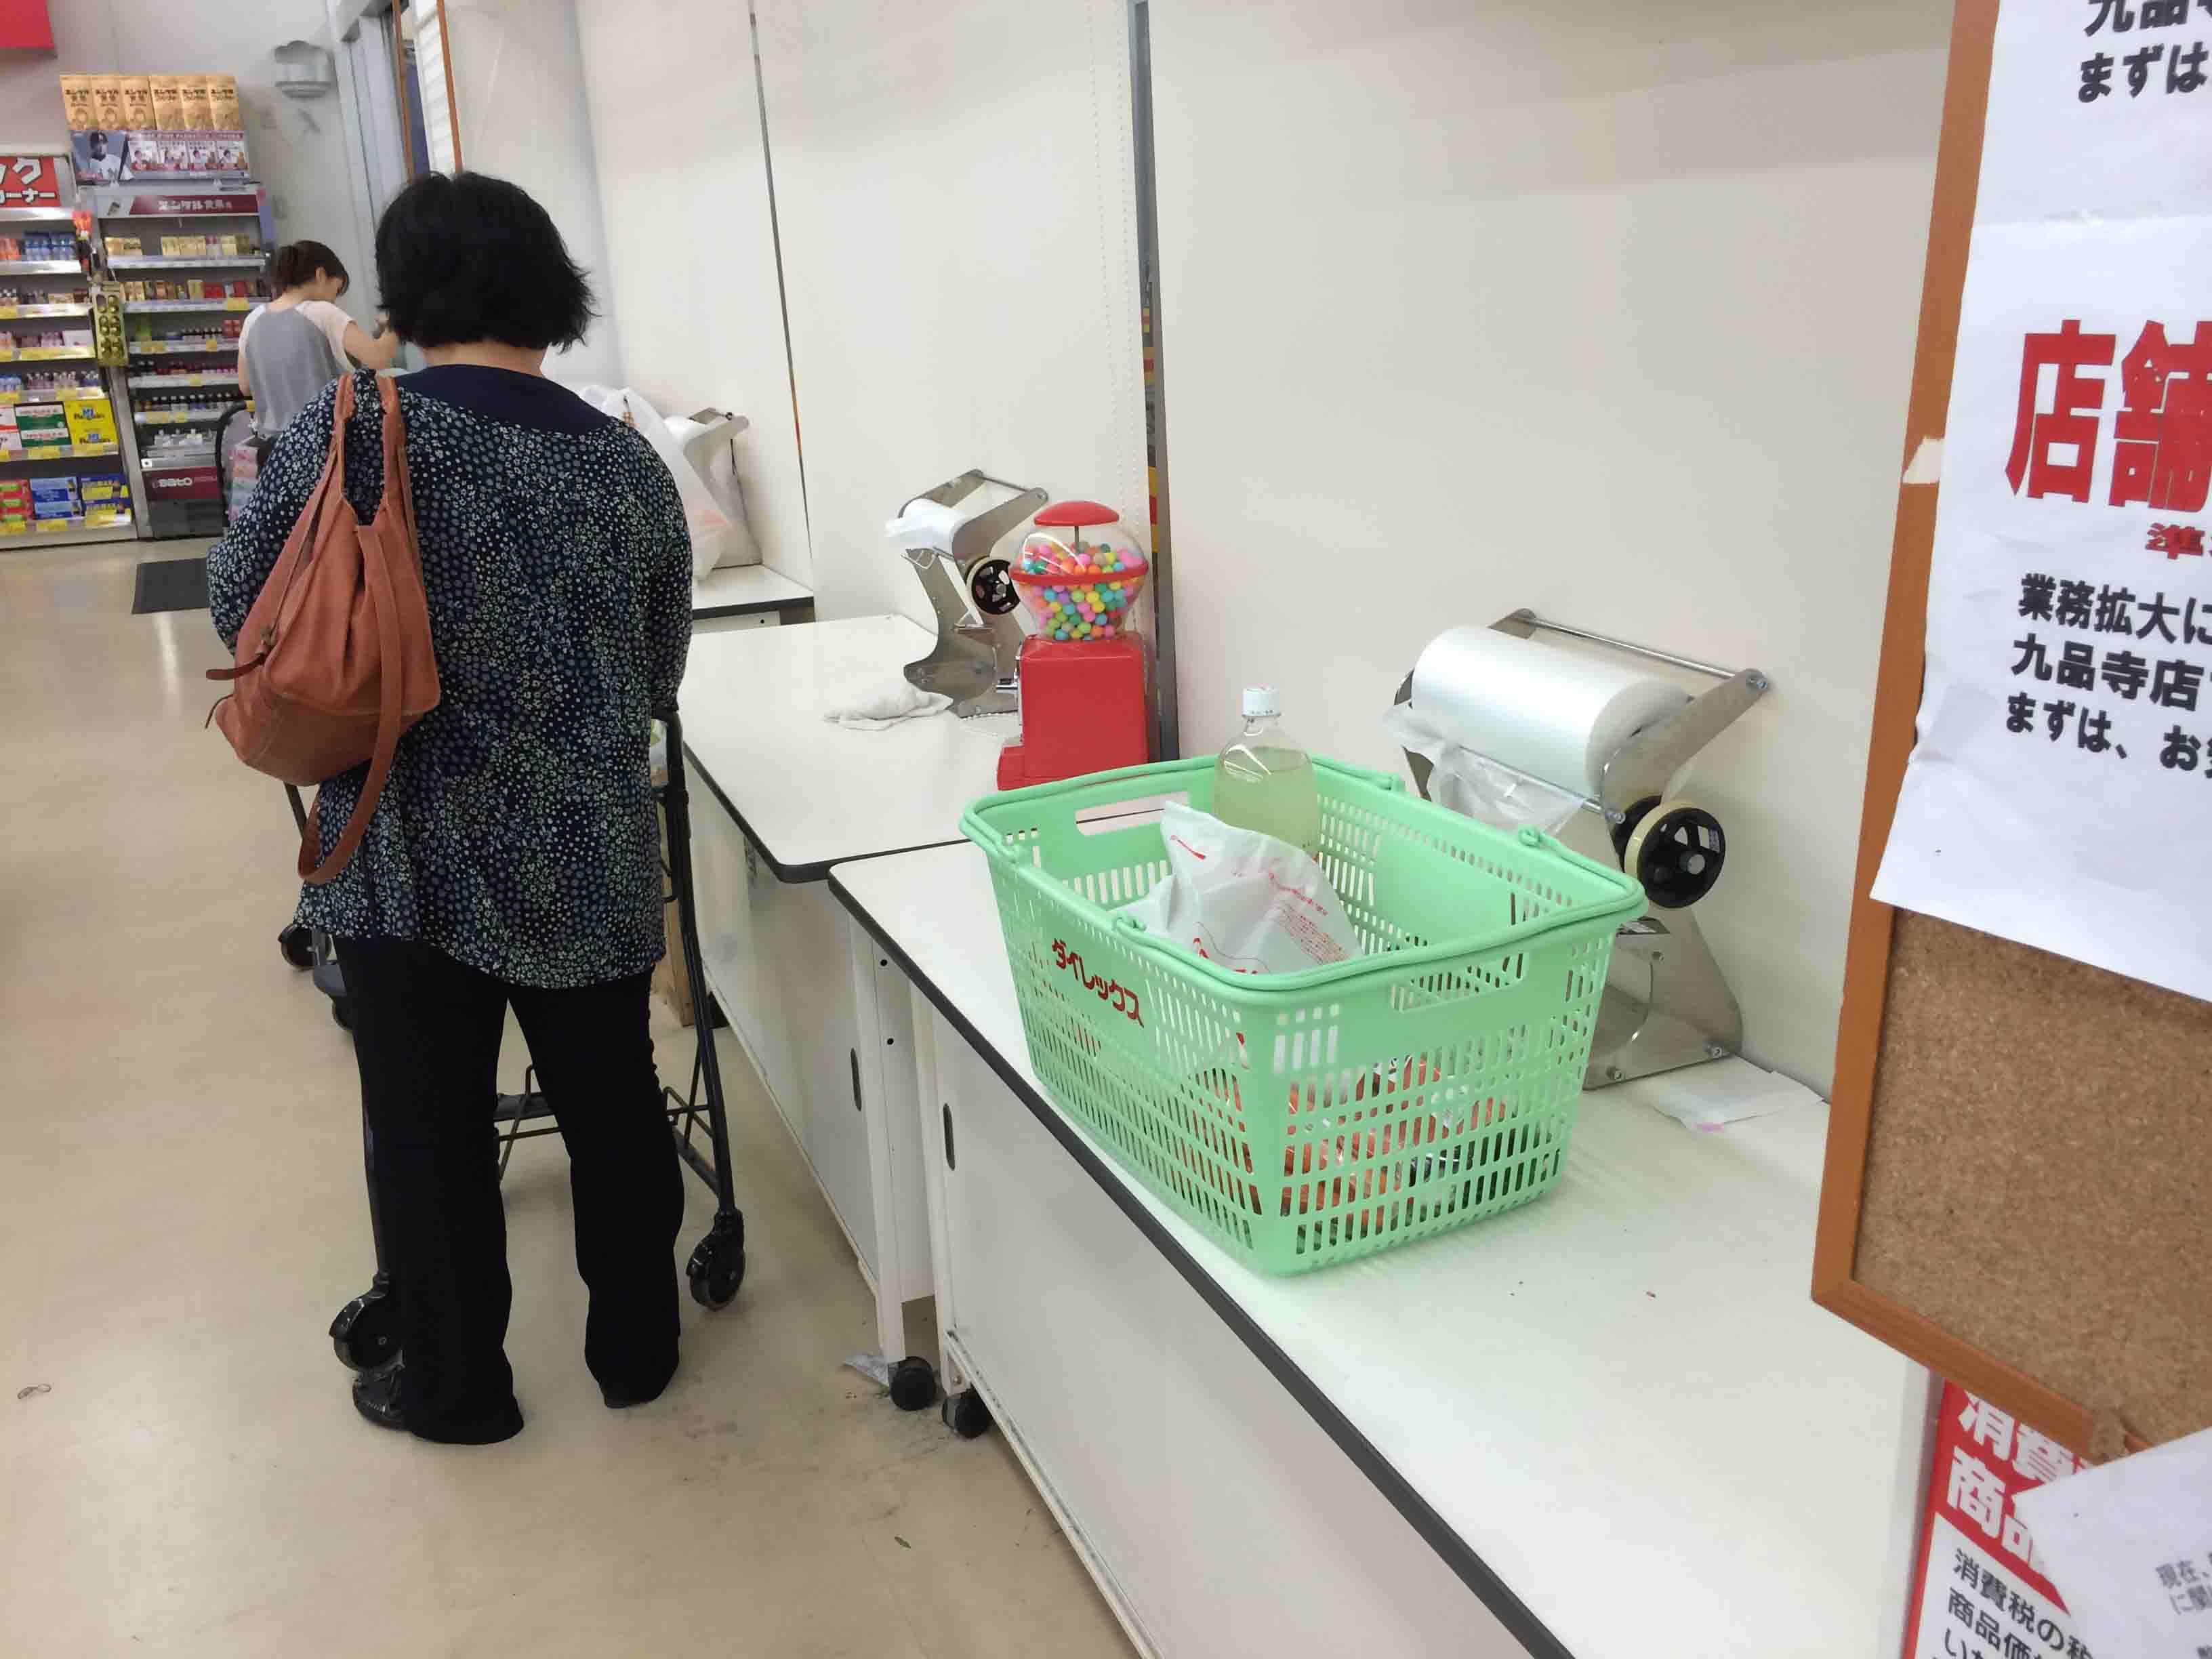 self services di supermarket